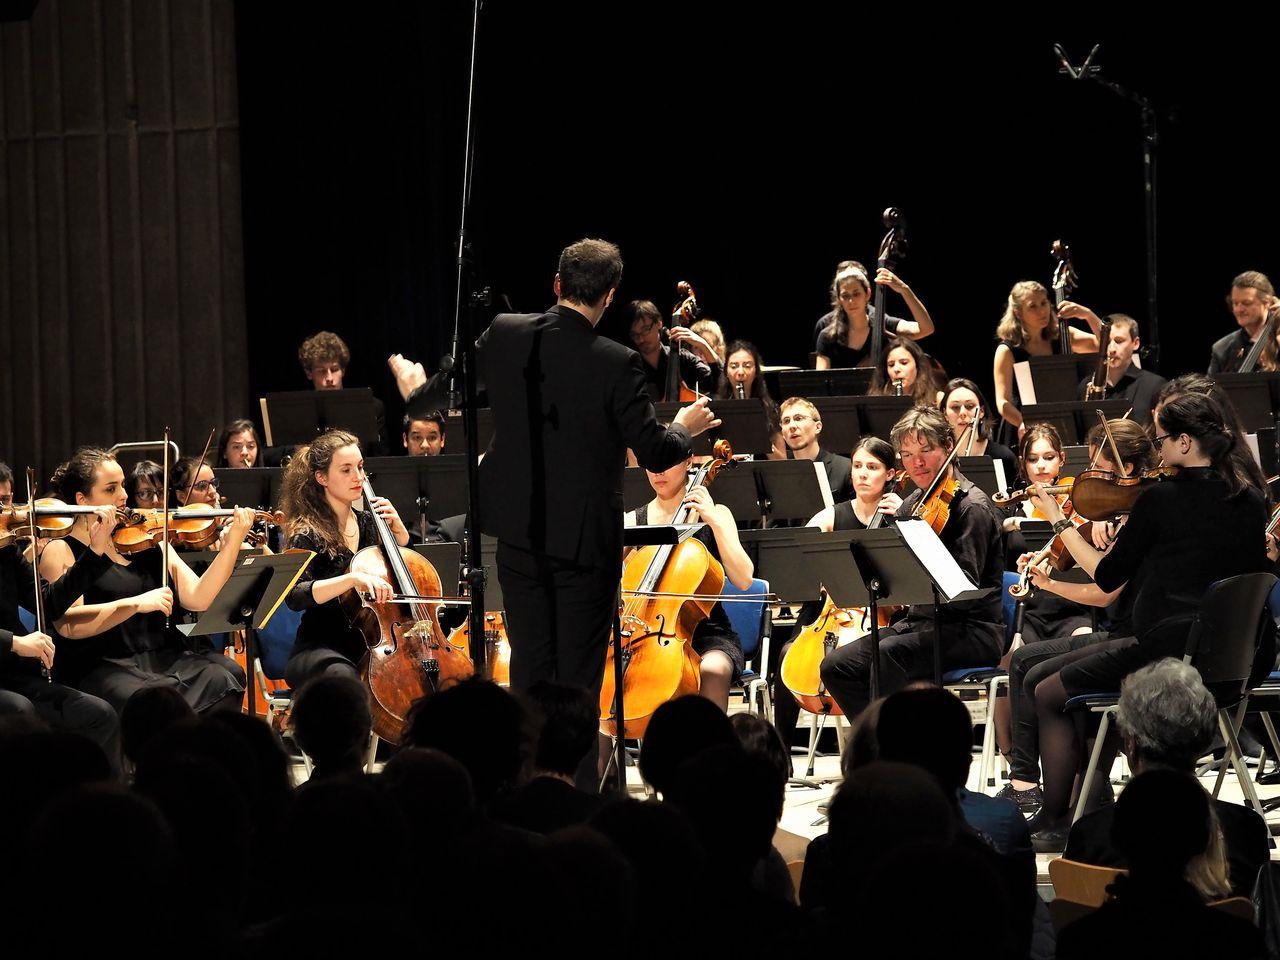 Musicales en Folie, Fontaine-lès-Dijon 2018